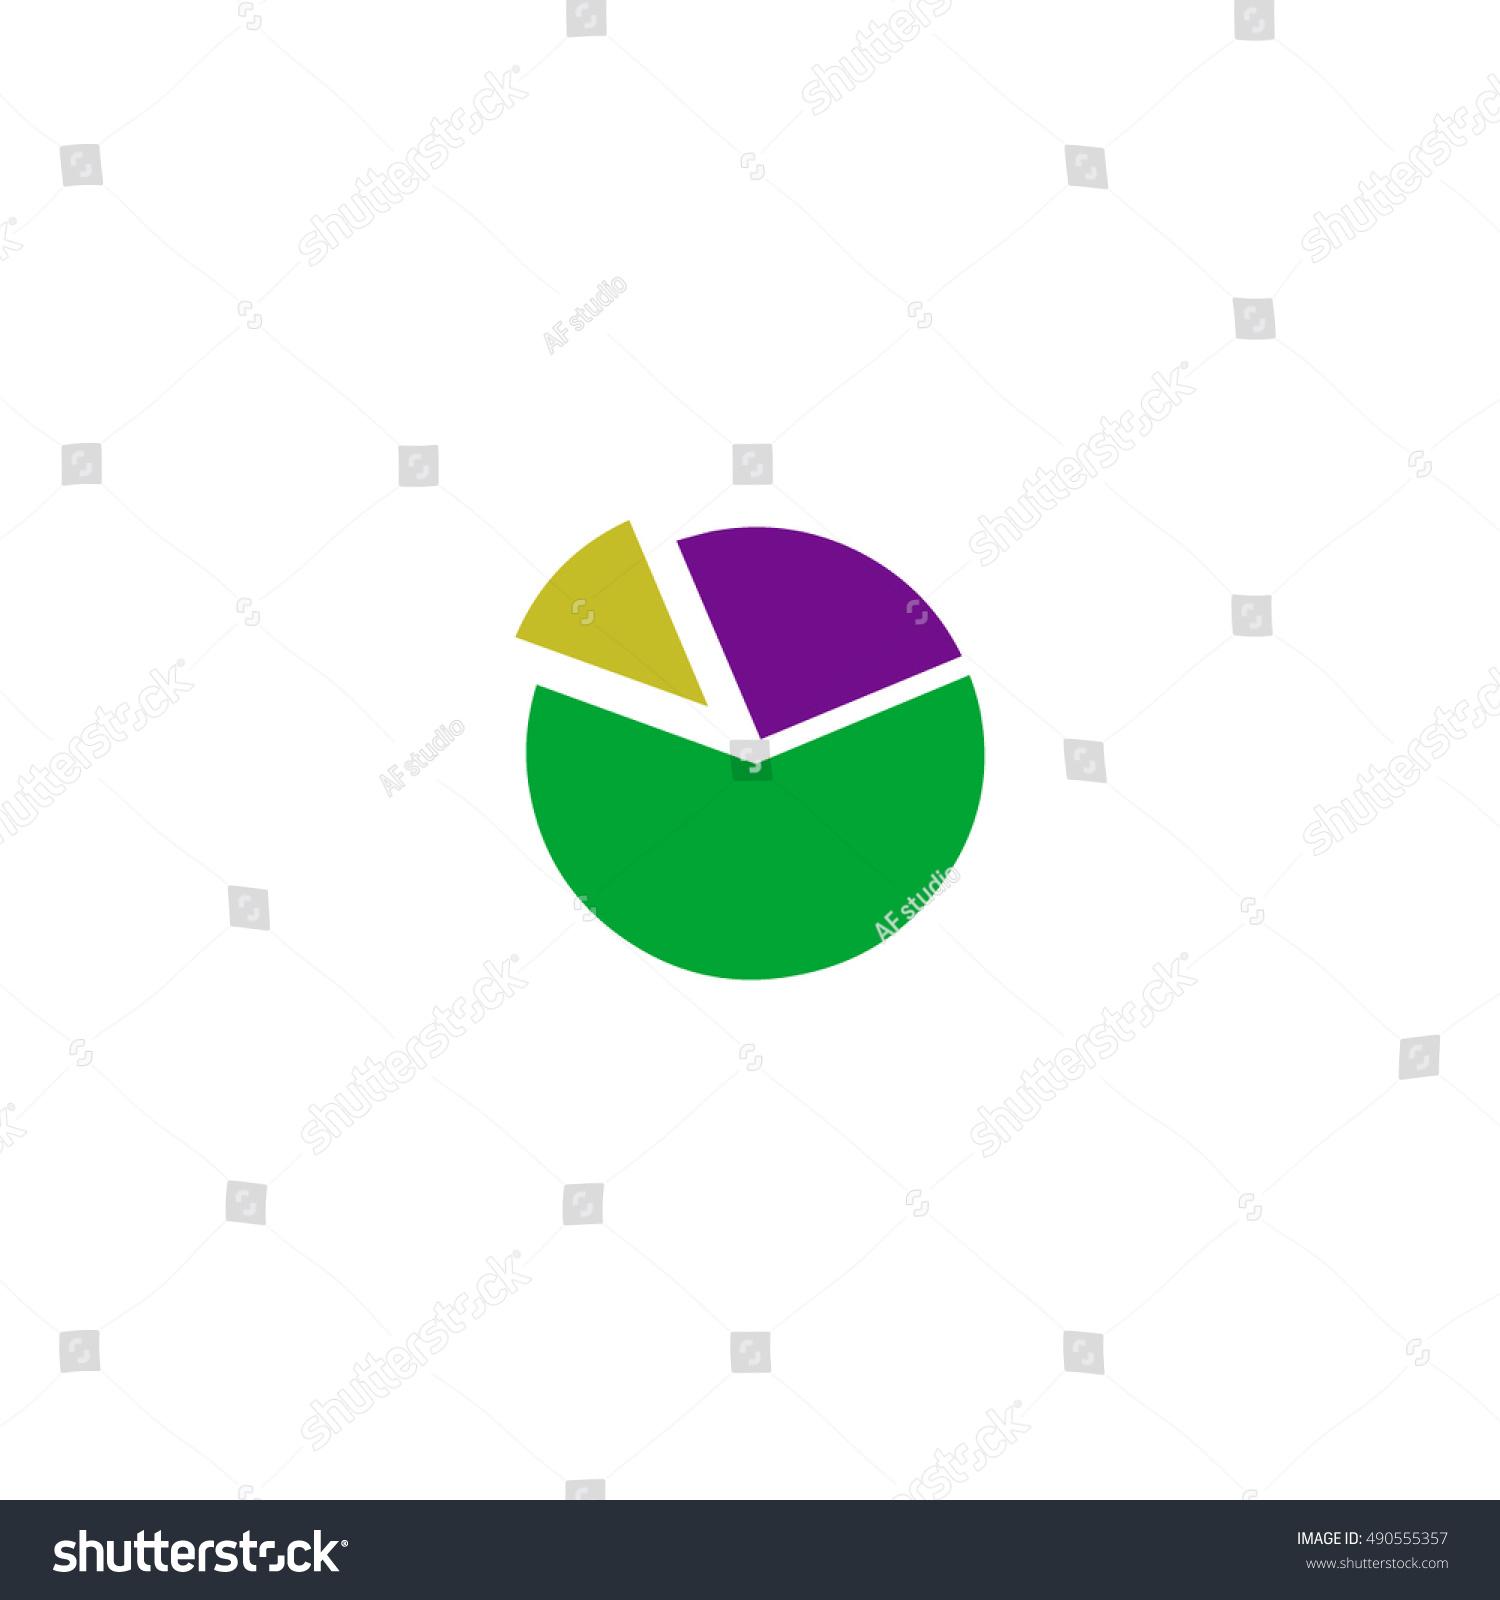 Diagram Icon Vector Flat Simple Color Stock Vector 490555357